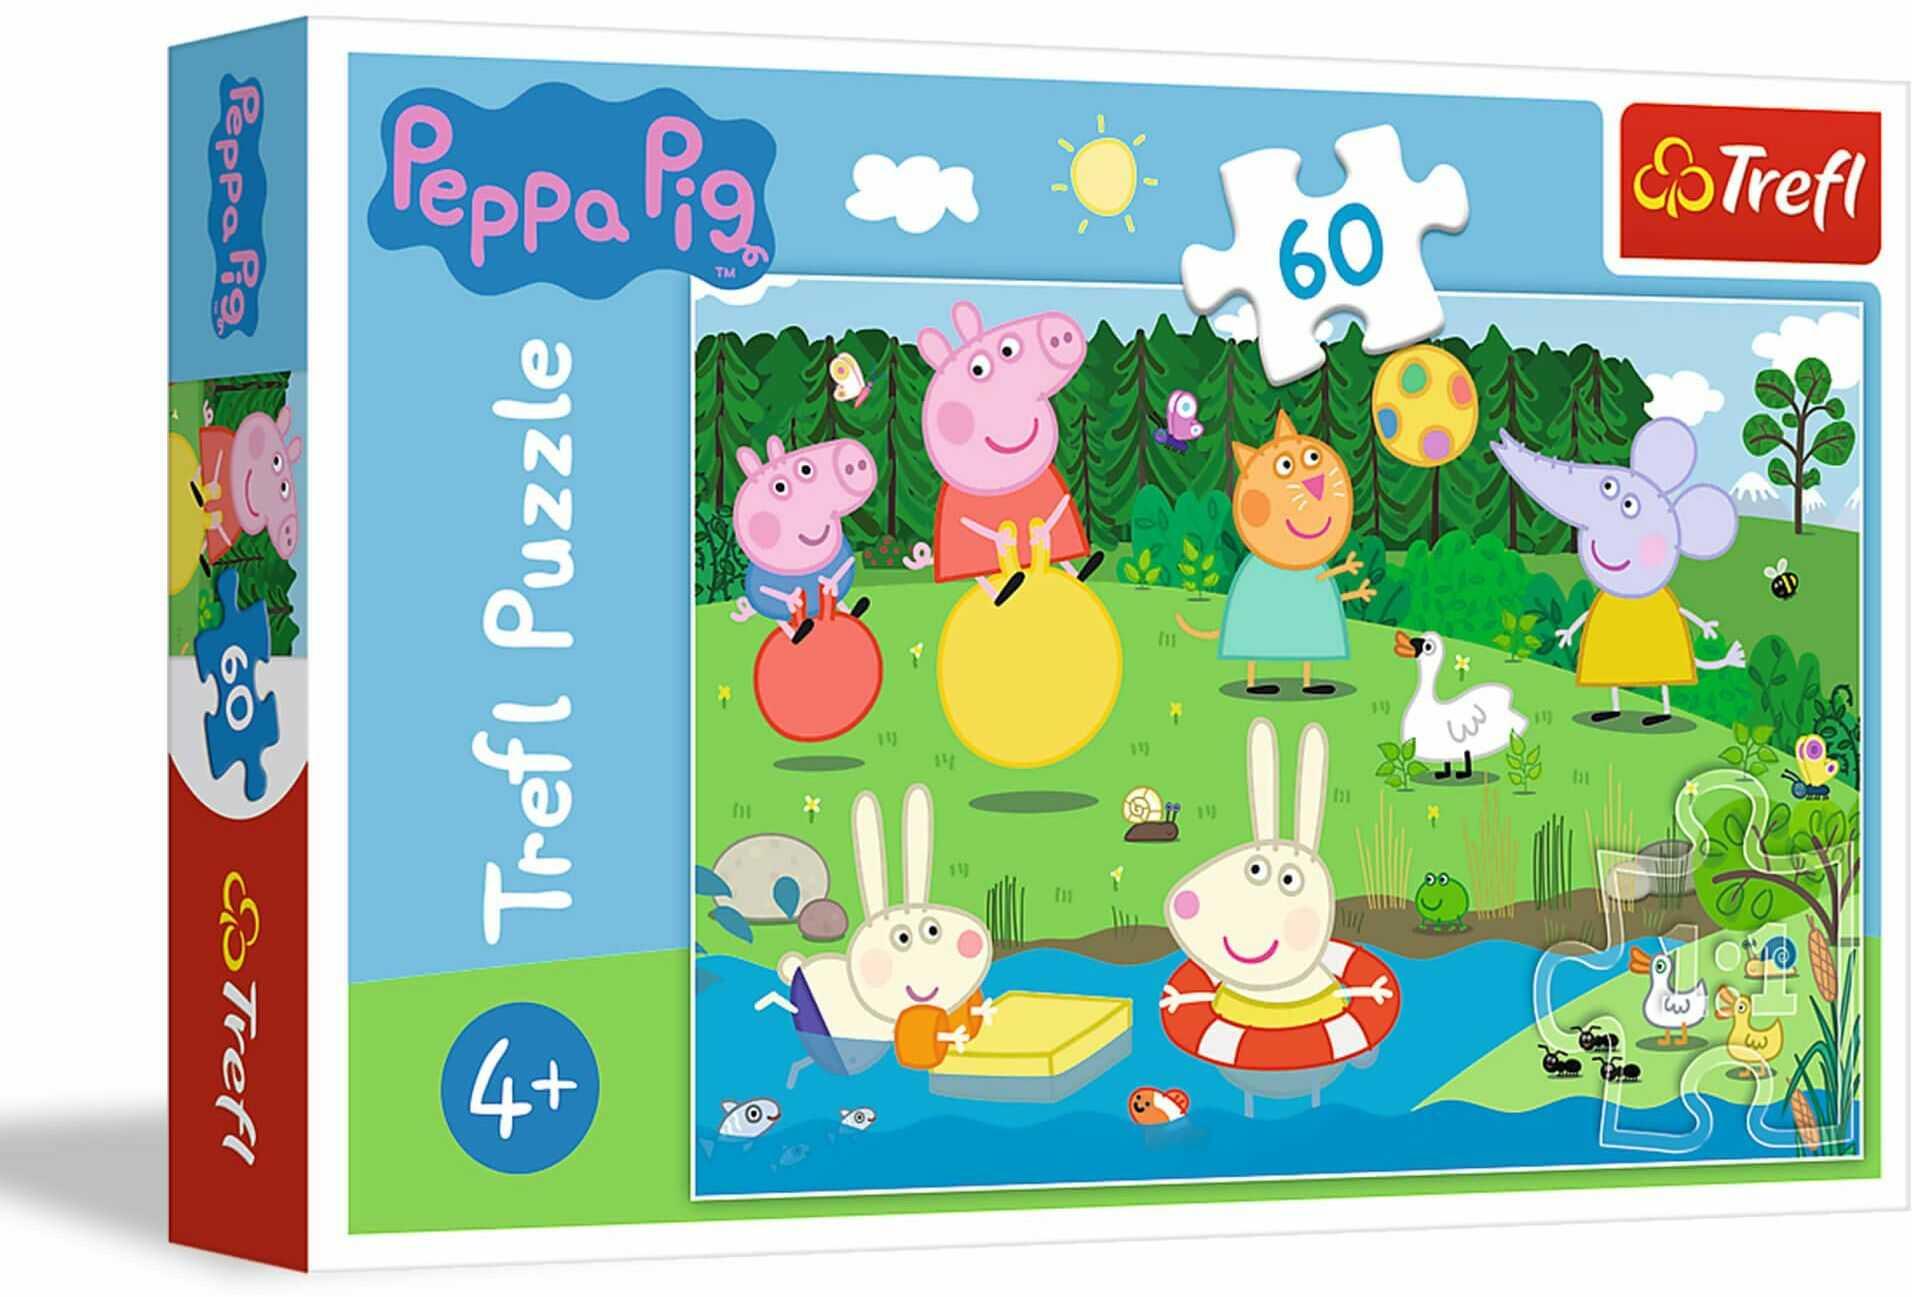 Trefl Wakacyjna Zabawa Puzzle 60 Elementów Peppa Pig o Wysokiej Jakości Nadruku dla Dzieci od 4 lat